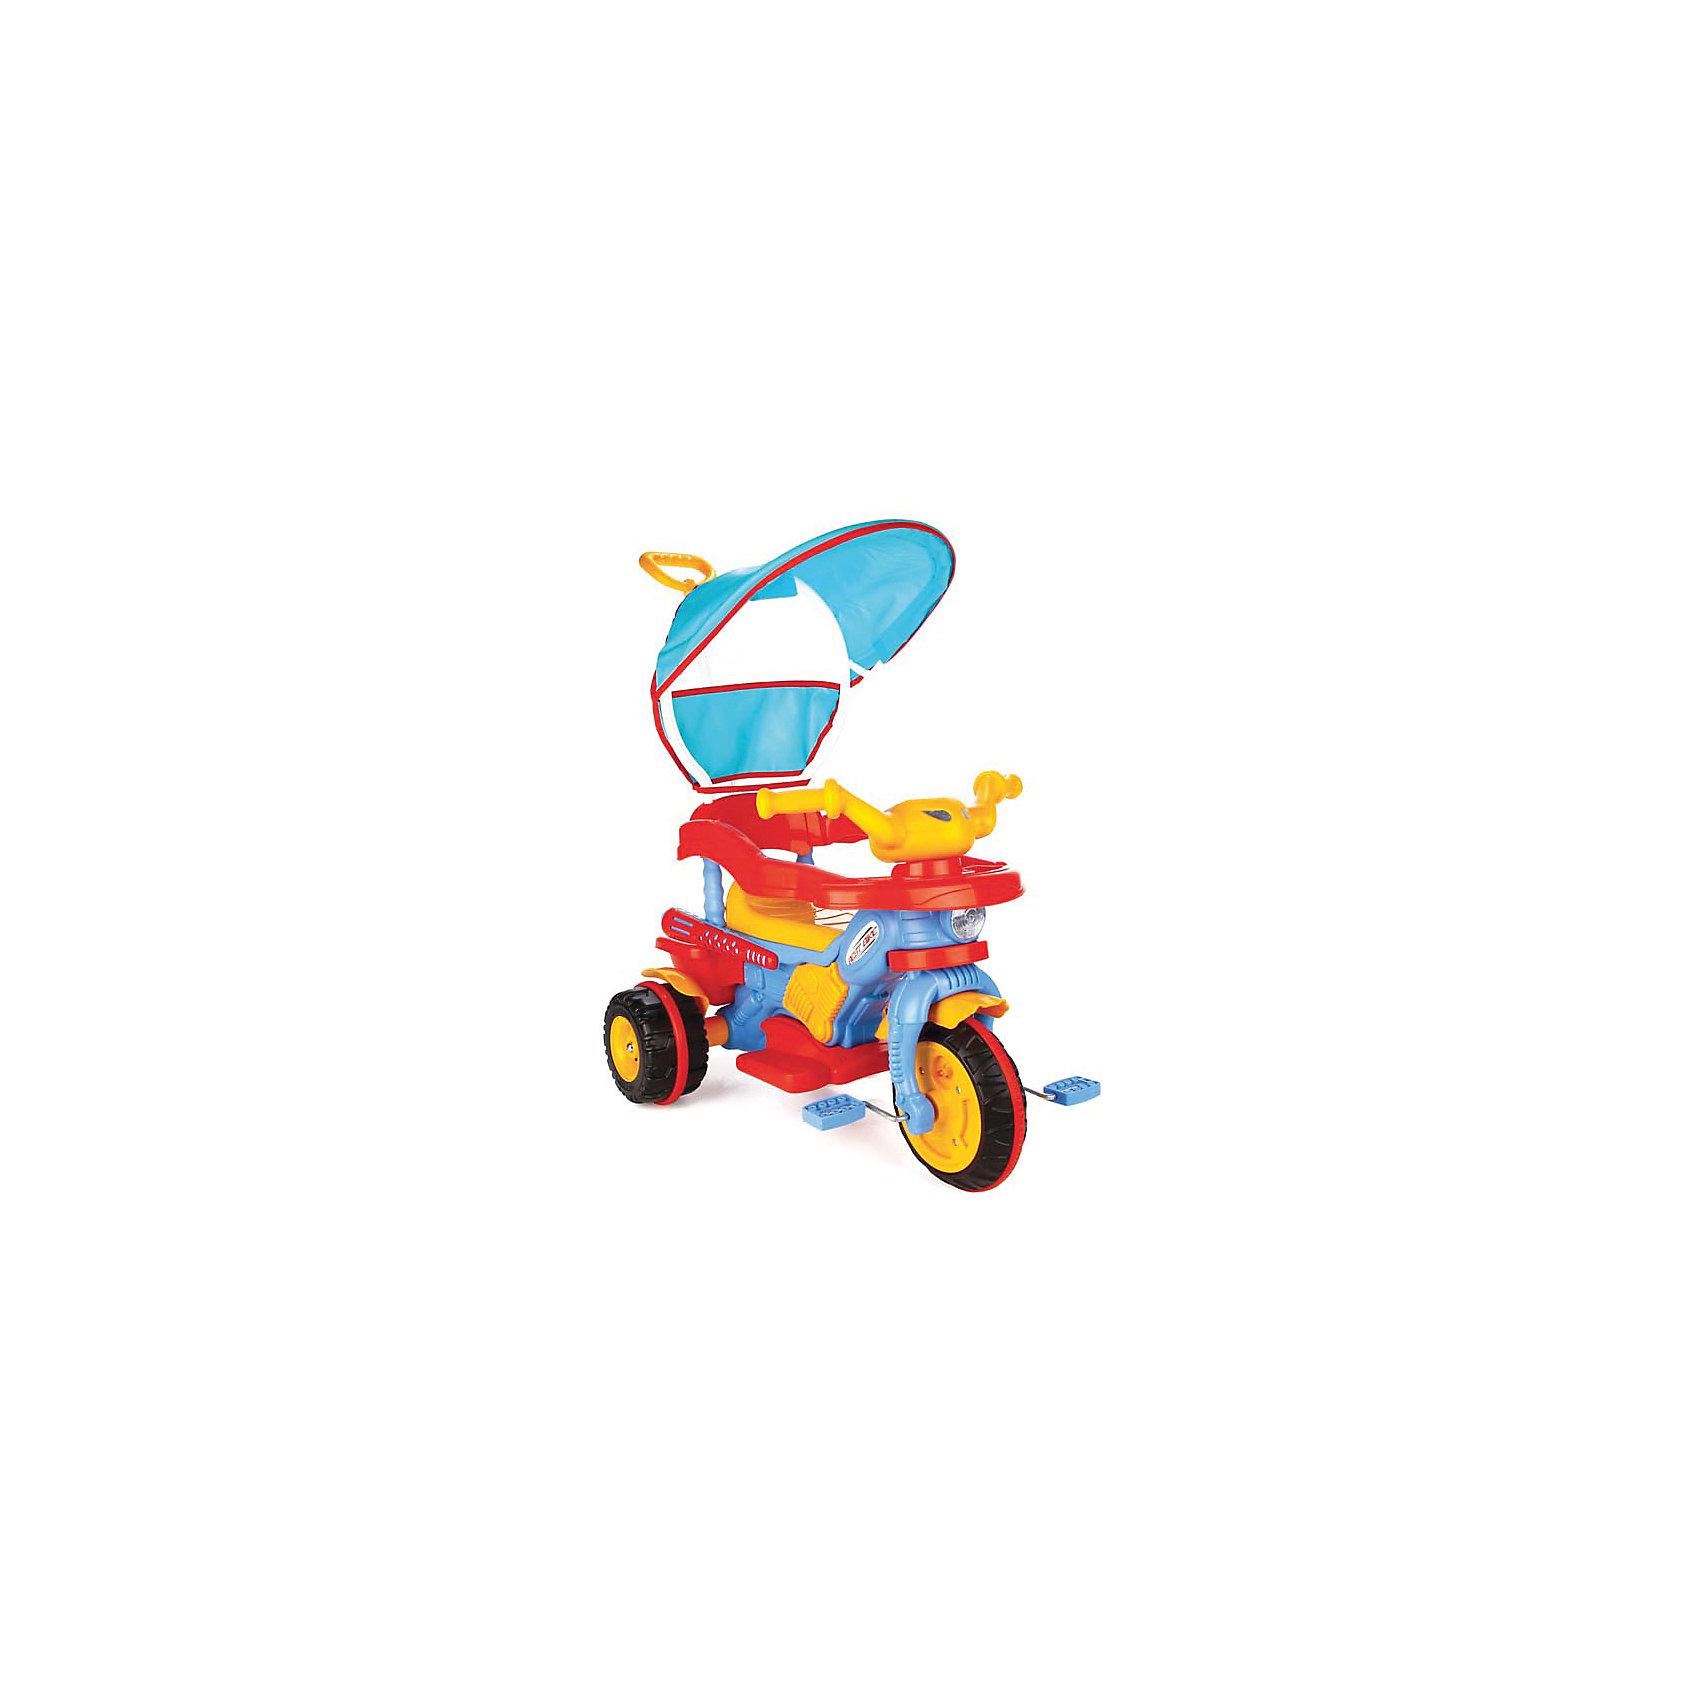 Велосипед BESTс ручкой управления в коробке, PILSANВелосипеды детские<br>Характеристики товара:<br><br>• возраст: от 3 лет<br>• эргономичная форма сиденья<br>• родительская ручка управления<br>• устойчивые колеса<br>• ограничители<br>• корзина для перевозки игрушек<br>• музыкальная панель<br>• защита от солнца<br>• максимальная нагрузка: 50 кг<br>• материал: пластик<br>• размер упаковки: 55х81х51 см<br>• вес: 7 кг<br><br>Велосипед BEST научит ребенка кататься и подарит много ярких эмоций! <br><br>Для комфорта ребенка предусмотрены удобные ручки, съемные ограничители для сиденья, корзина для игрушек и музыкальная панель, издающая 6 звуков. <br><br>Ограничители и устойчивые колеса обеспечивают высокий уровень безопасности. <br><br>Съемный зонт защитит ребенка от попадания прямых солнечных лучей.<br><br>Велосипед BEST с ручкой управления в коробке, PILSAN (Пилсан) вы можете купить в нашем интернет-магазине.<br><br>Ширина мм: 510<br>Глубина мм: 810<br>Высота мм: 550<br>Вес г: 7000<br>Возраст от месяцев: 36<br>Возраст до месяцев: 84<br>Пол: Унисекс<br>Возраст: Детский<br>SKU: 5512050